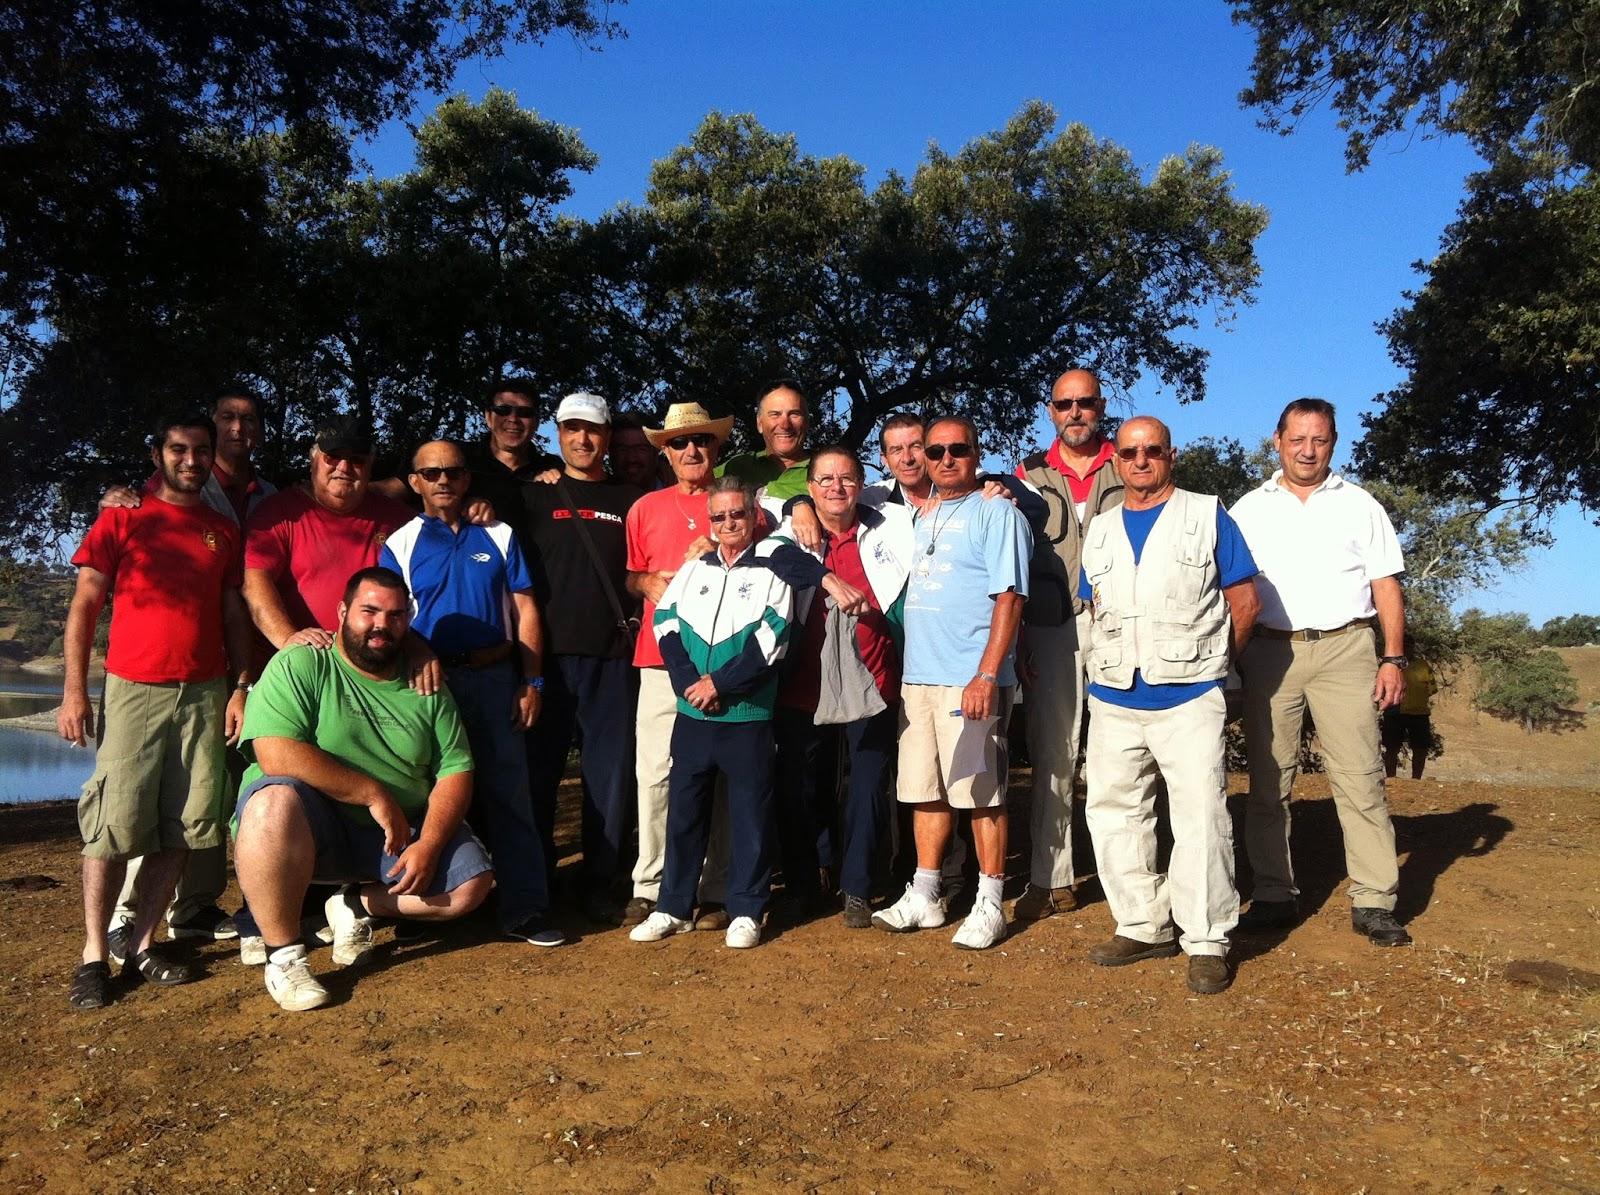 Club de Pesca -CLASIFICACION GENERAL AÑO 2011